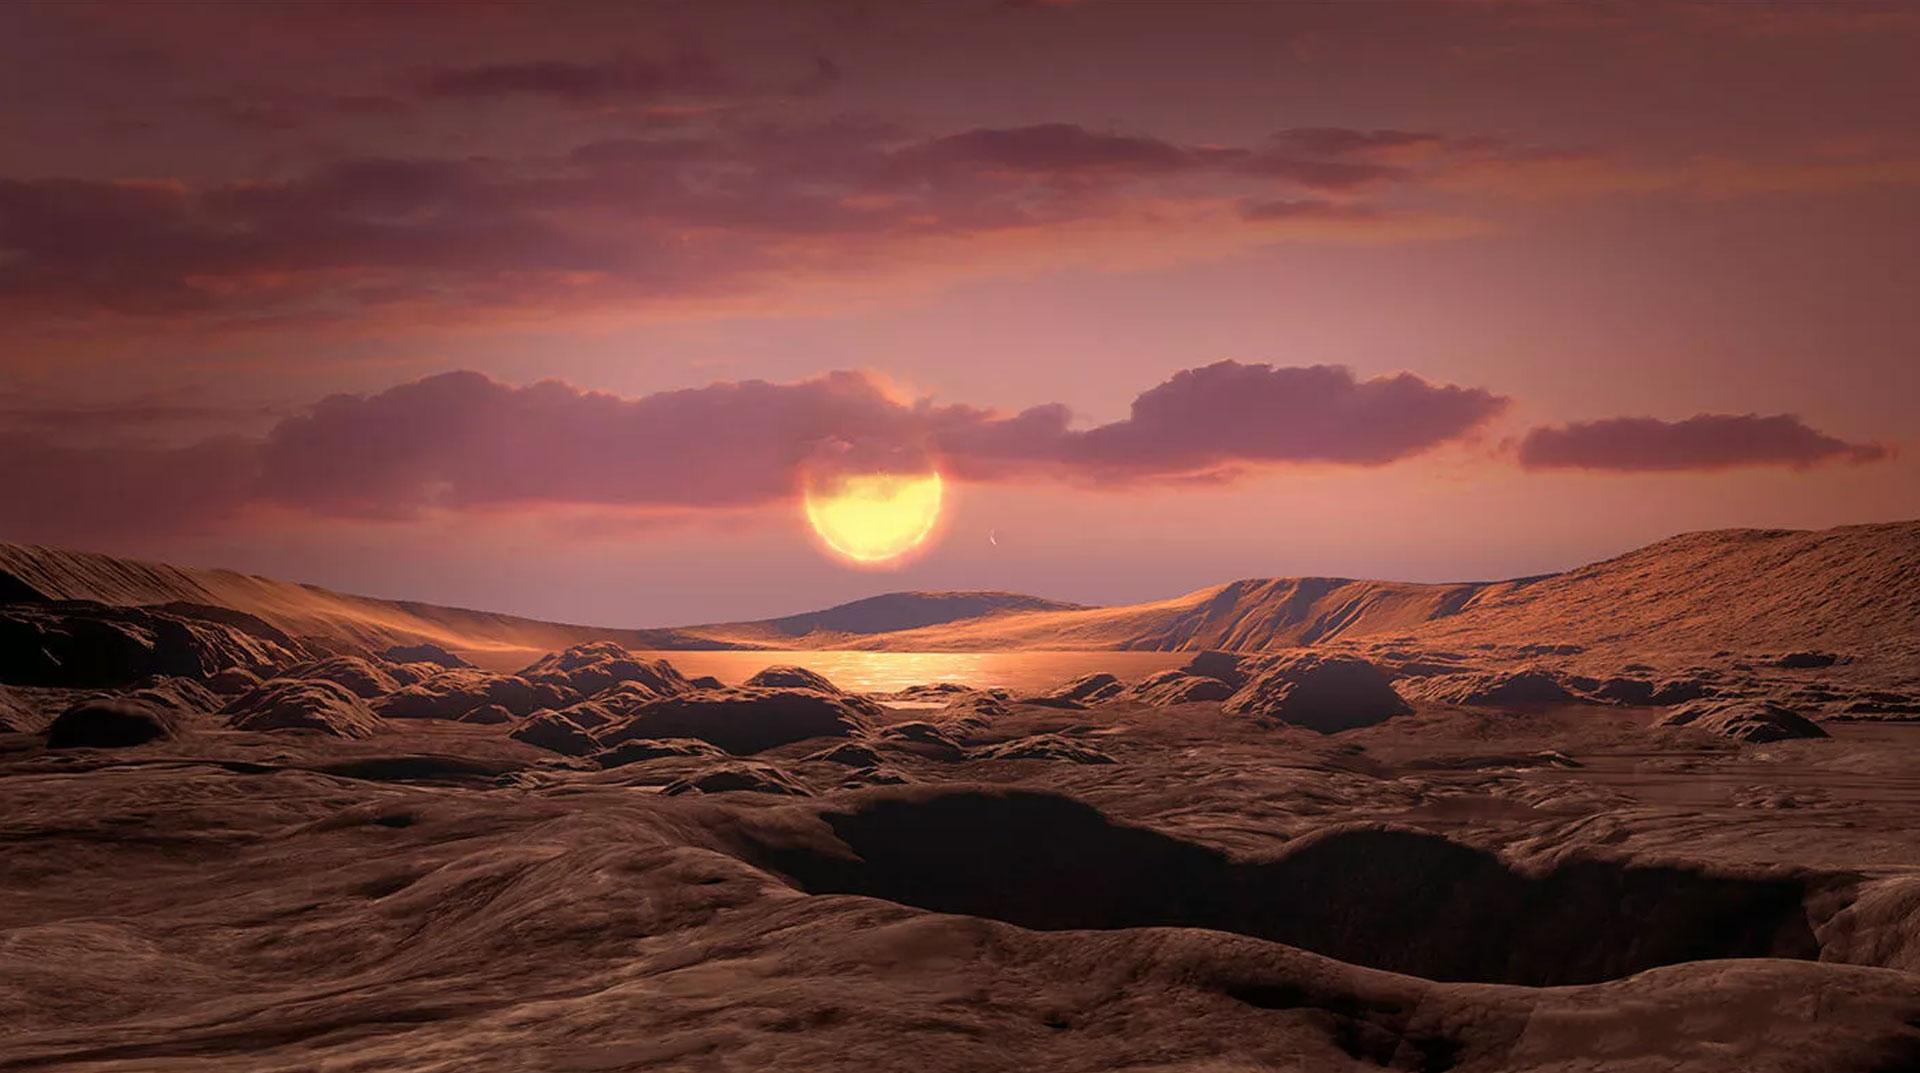 İstemeden Oldu, Yeni Gezegen Kazara Keşfedildi!